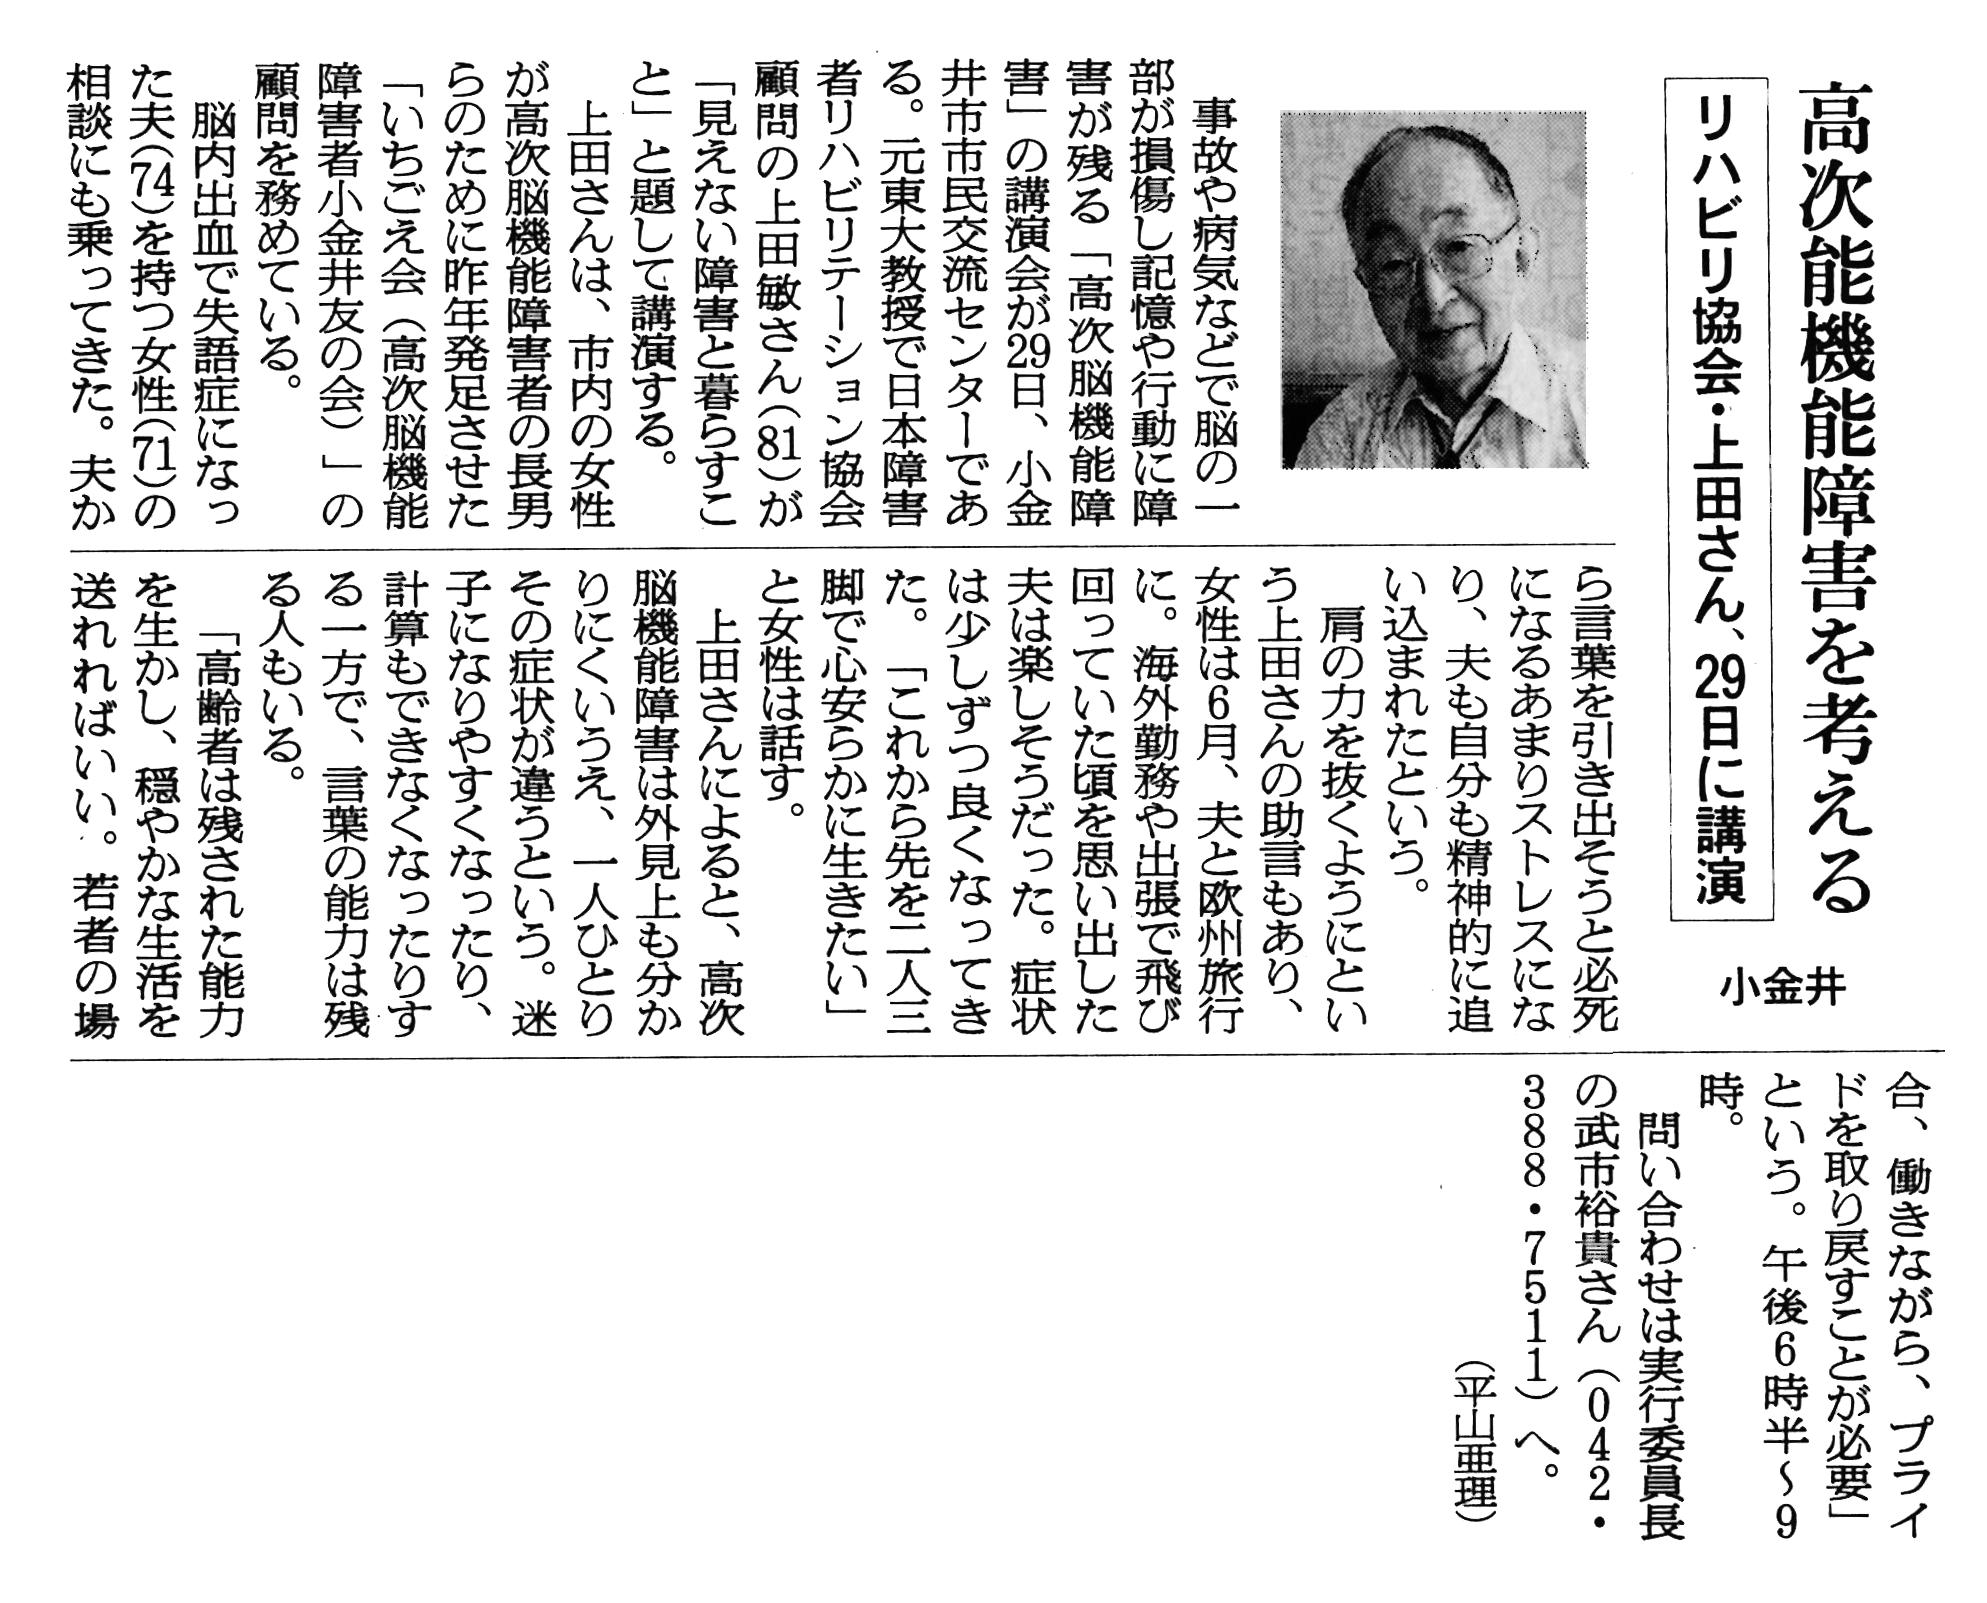 朝日新聞(武蔵野版)2013年6月26日朝刊